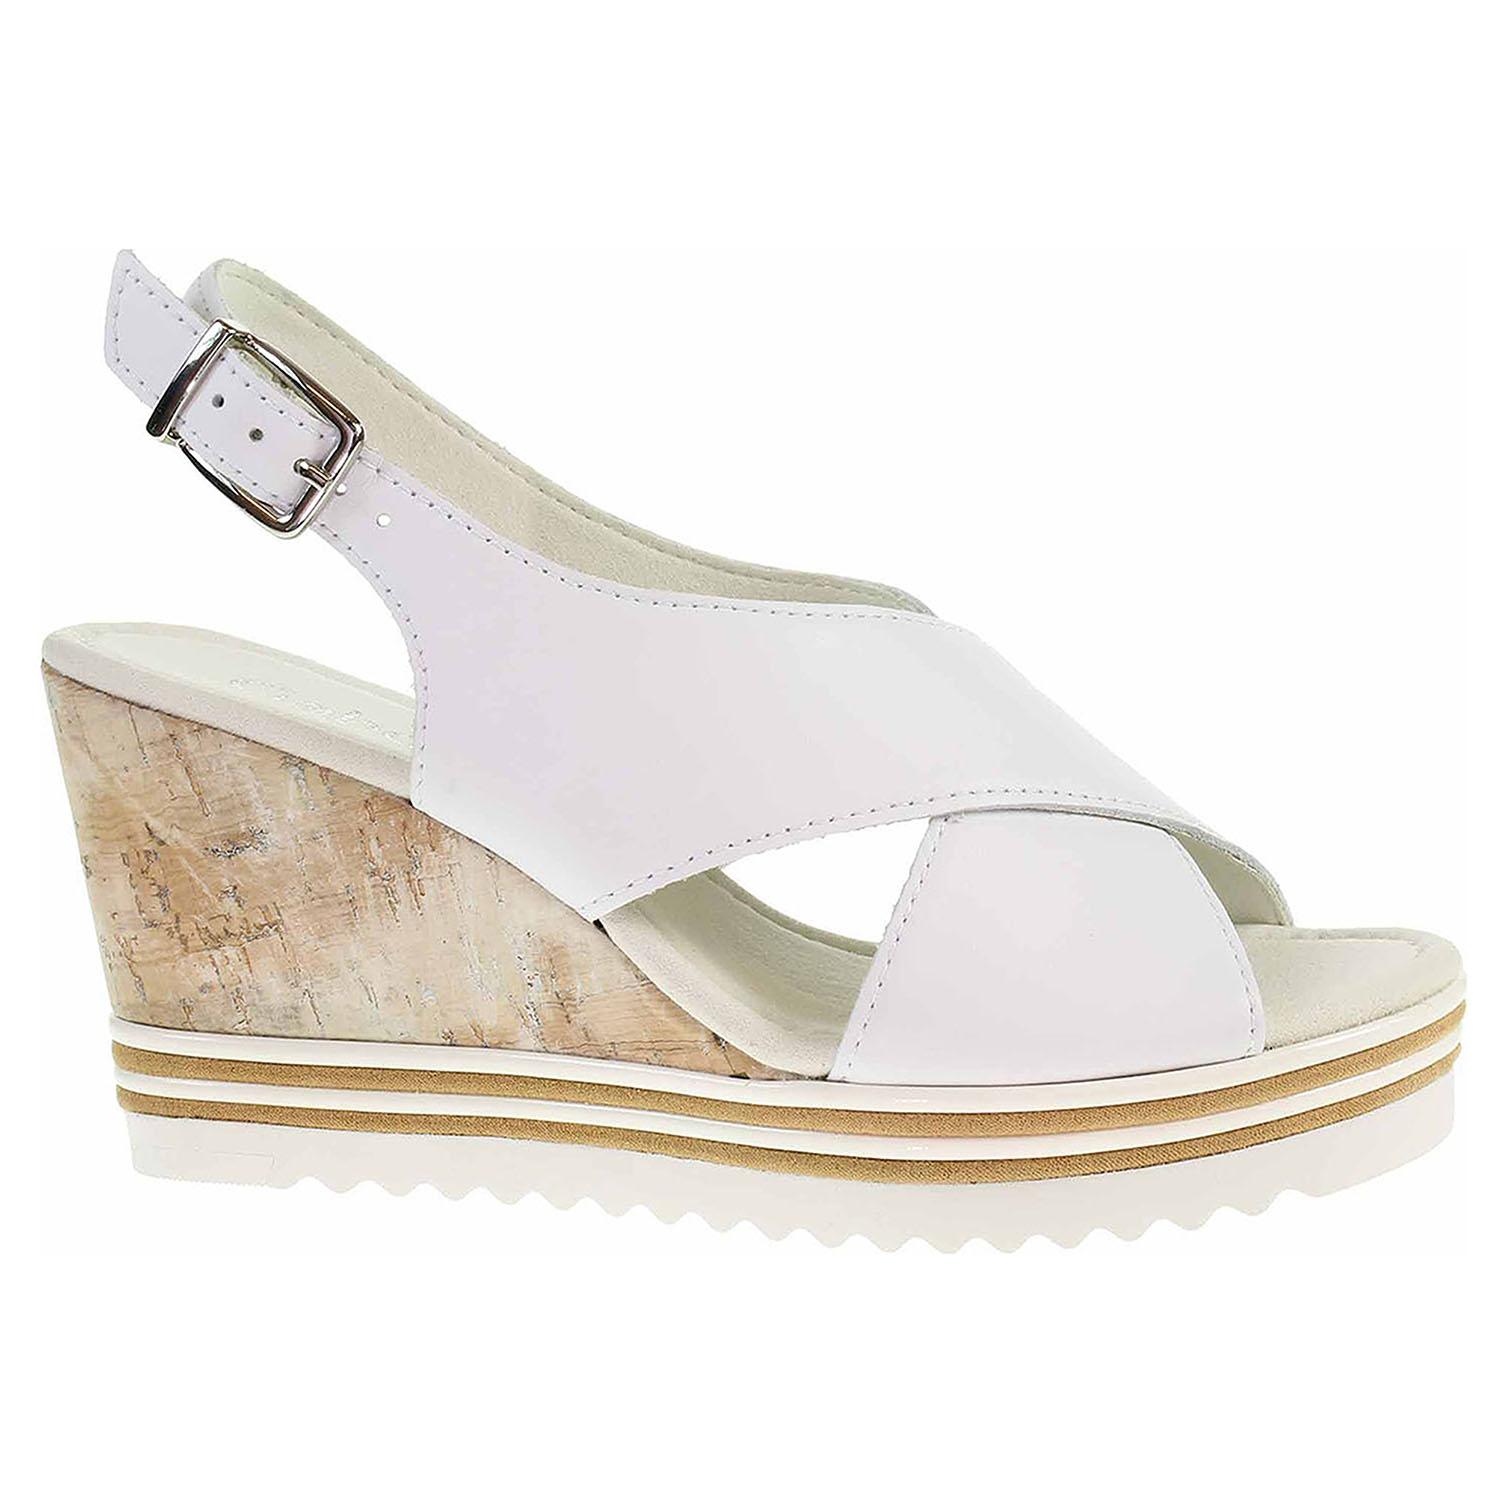 Dámské sandály Gabor 45.791.21 weiss 45.791.21 38